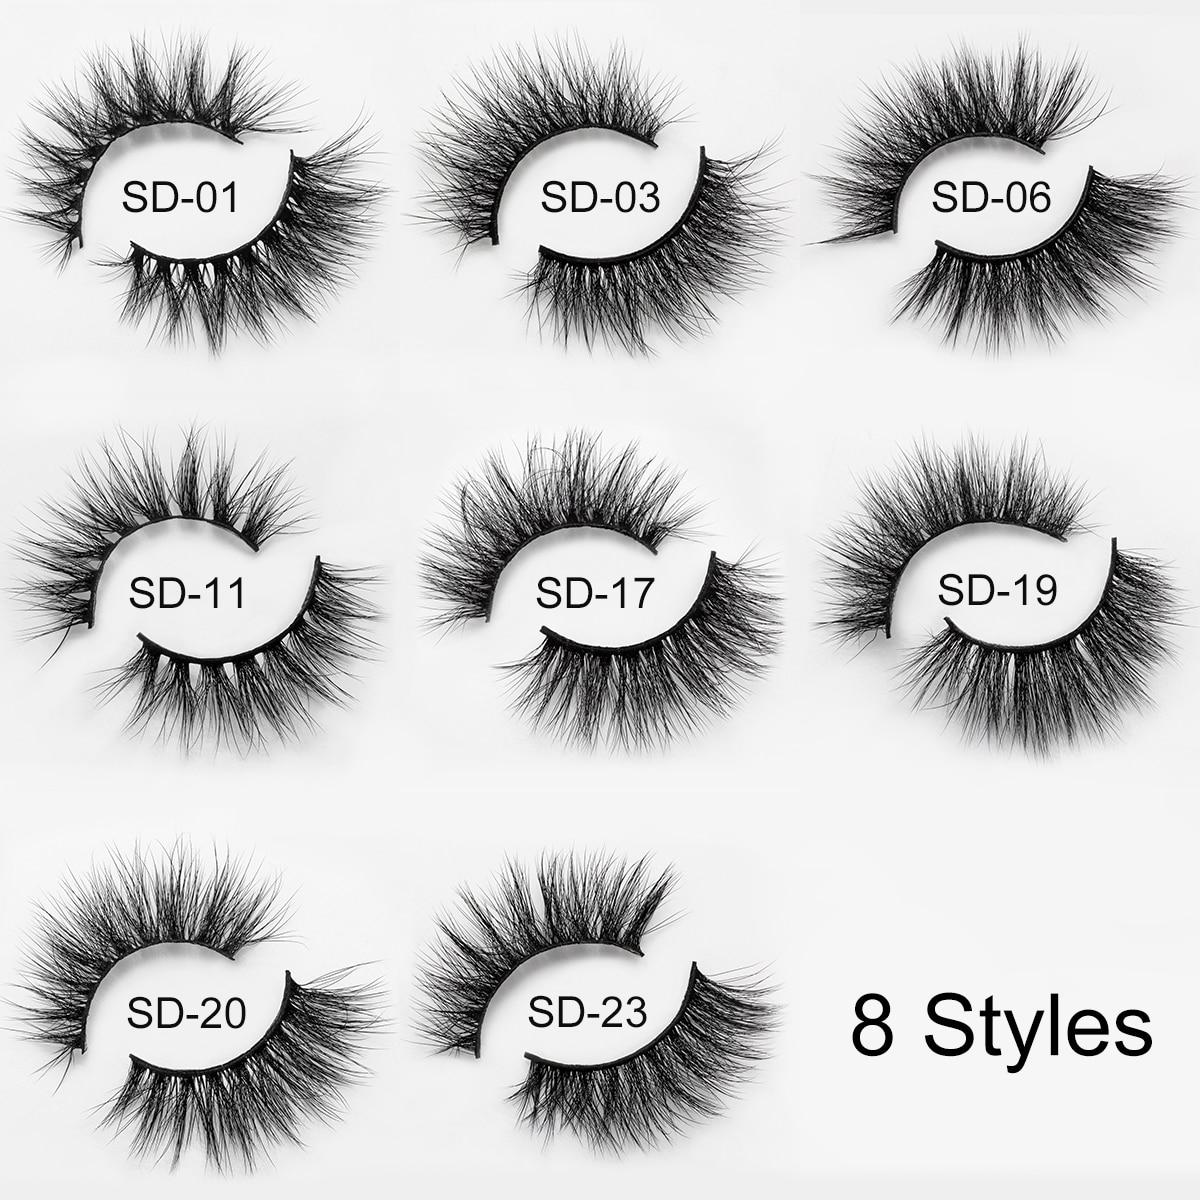 Image 5 - 5 Pairs 3D Mink Eyelashes False Eyelashes Natural Long /Thick 3D Eyelashes Crisscross Full Strip Handmade Lashes Makeup-in False Eyelashes from Beauty & Health